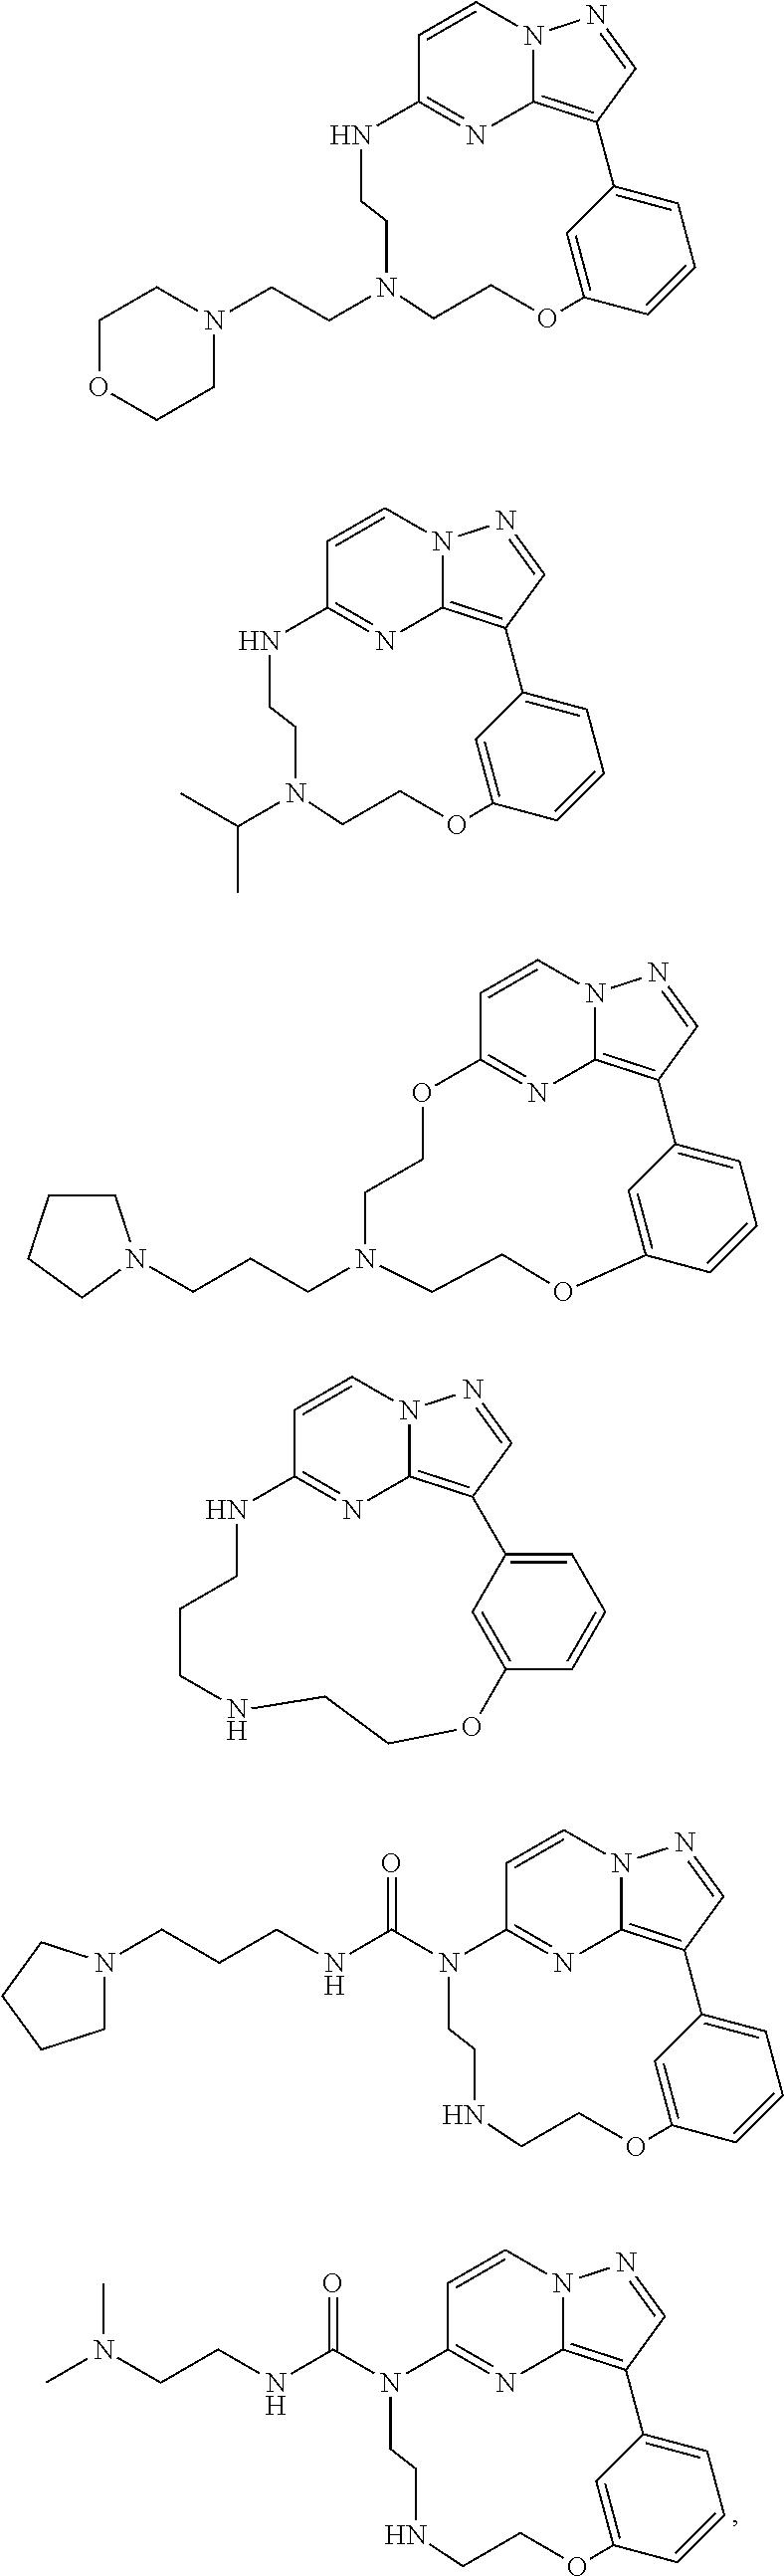 Figure US09370519-20160621-C00002